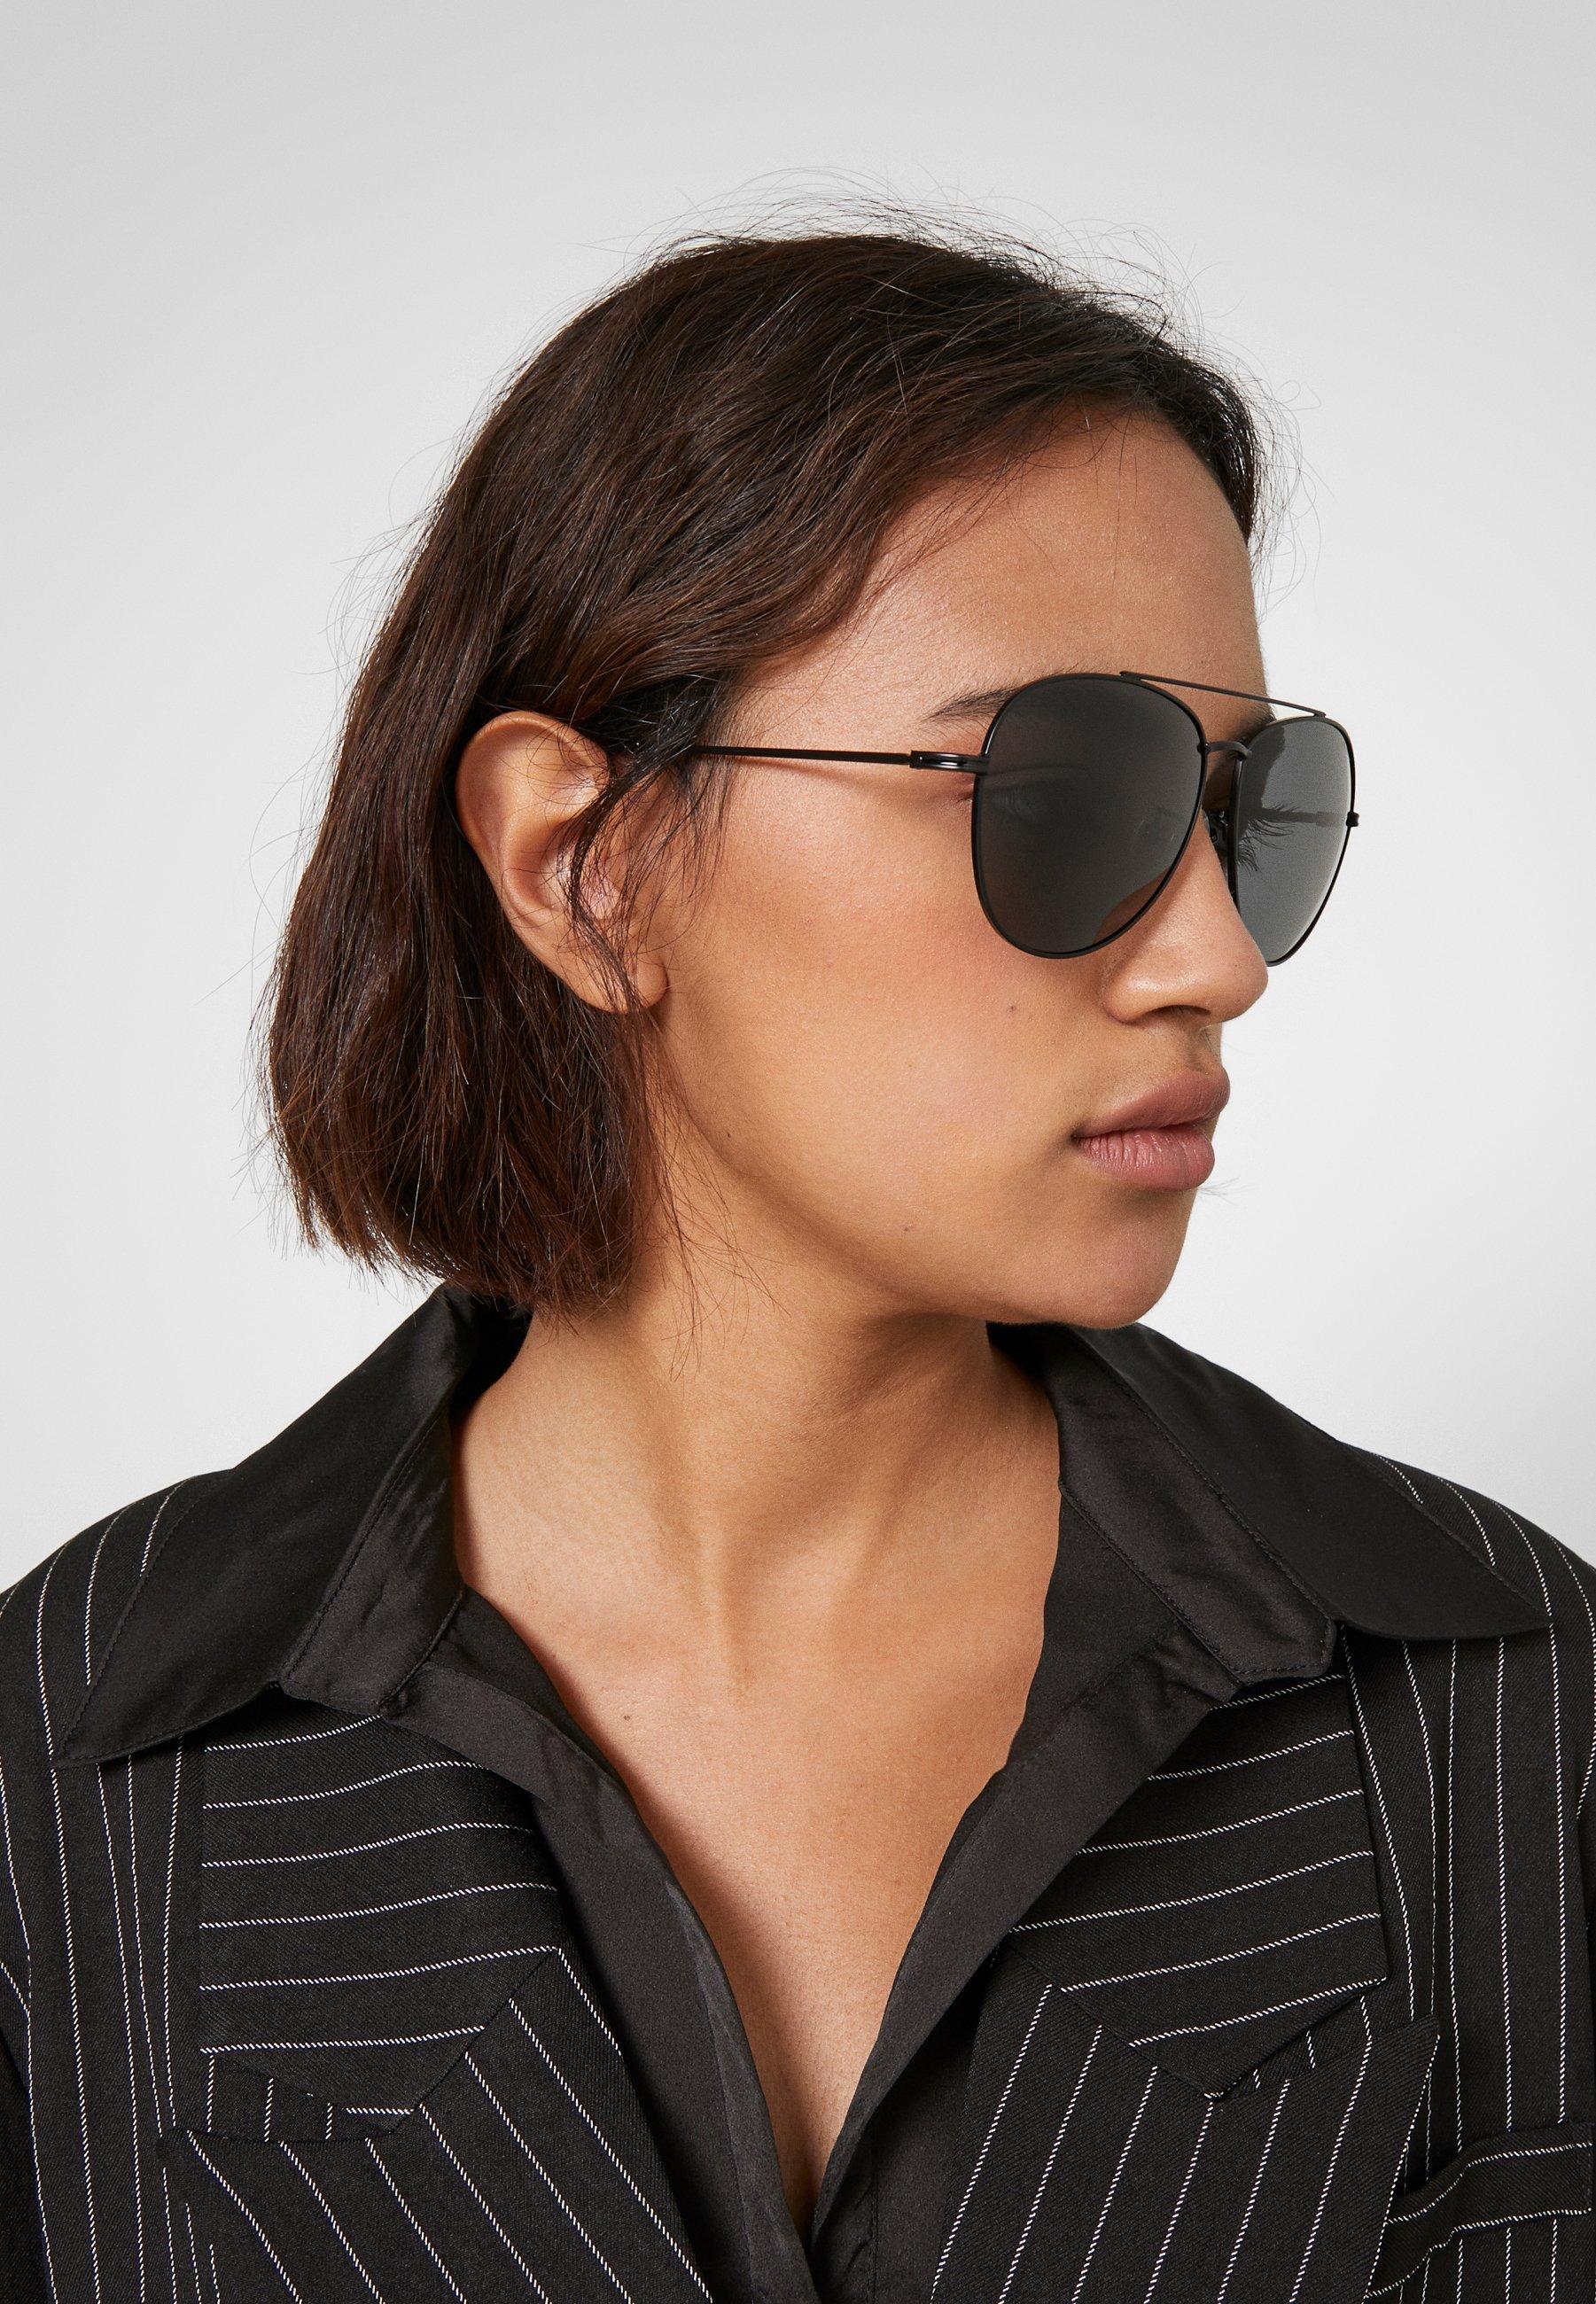 Shop Outlet Polaroid Sunglasses - black | men's accessories 2020 Alygm